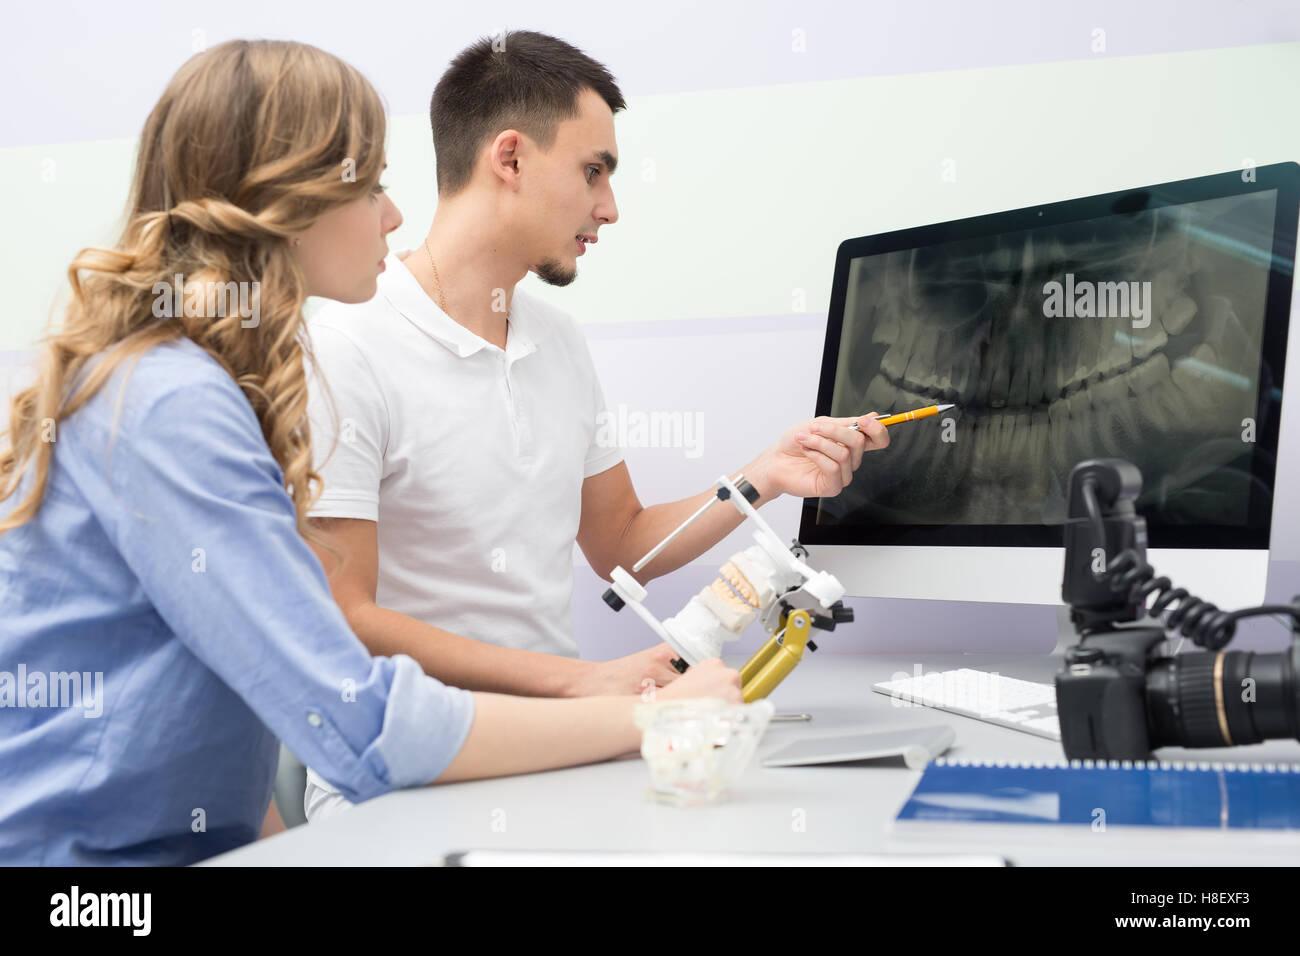 Panoramic Dental X Ray Implant Stockfotos & Panoramic Dental X Ray ...